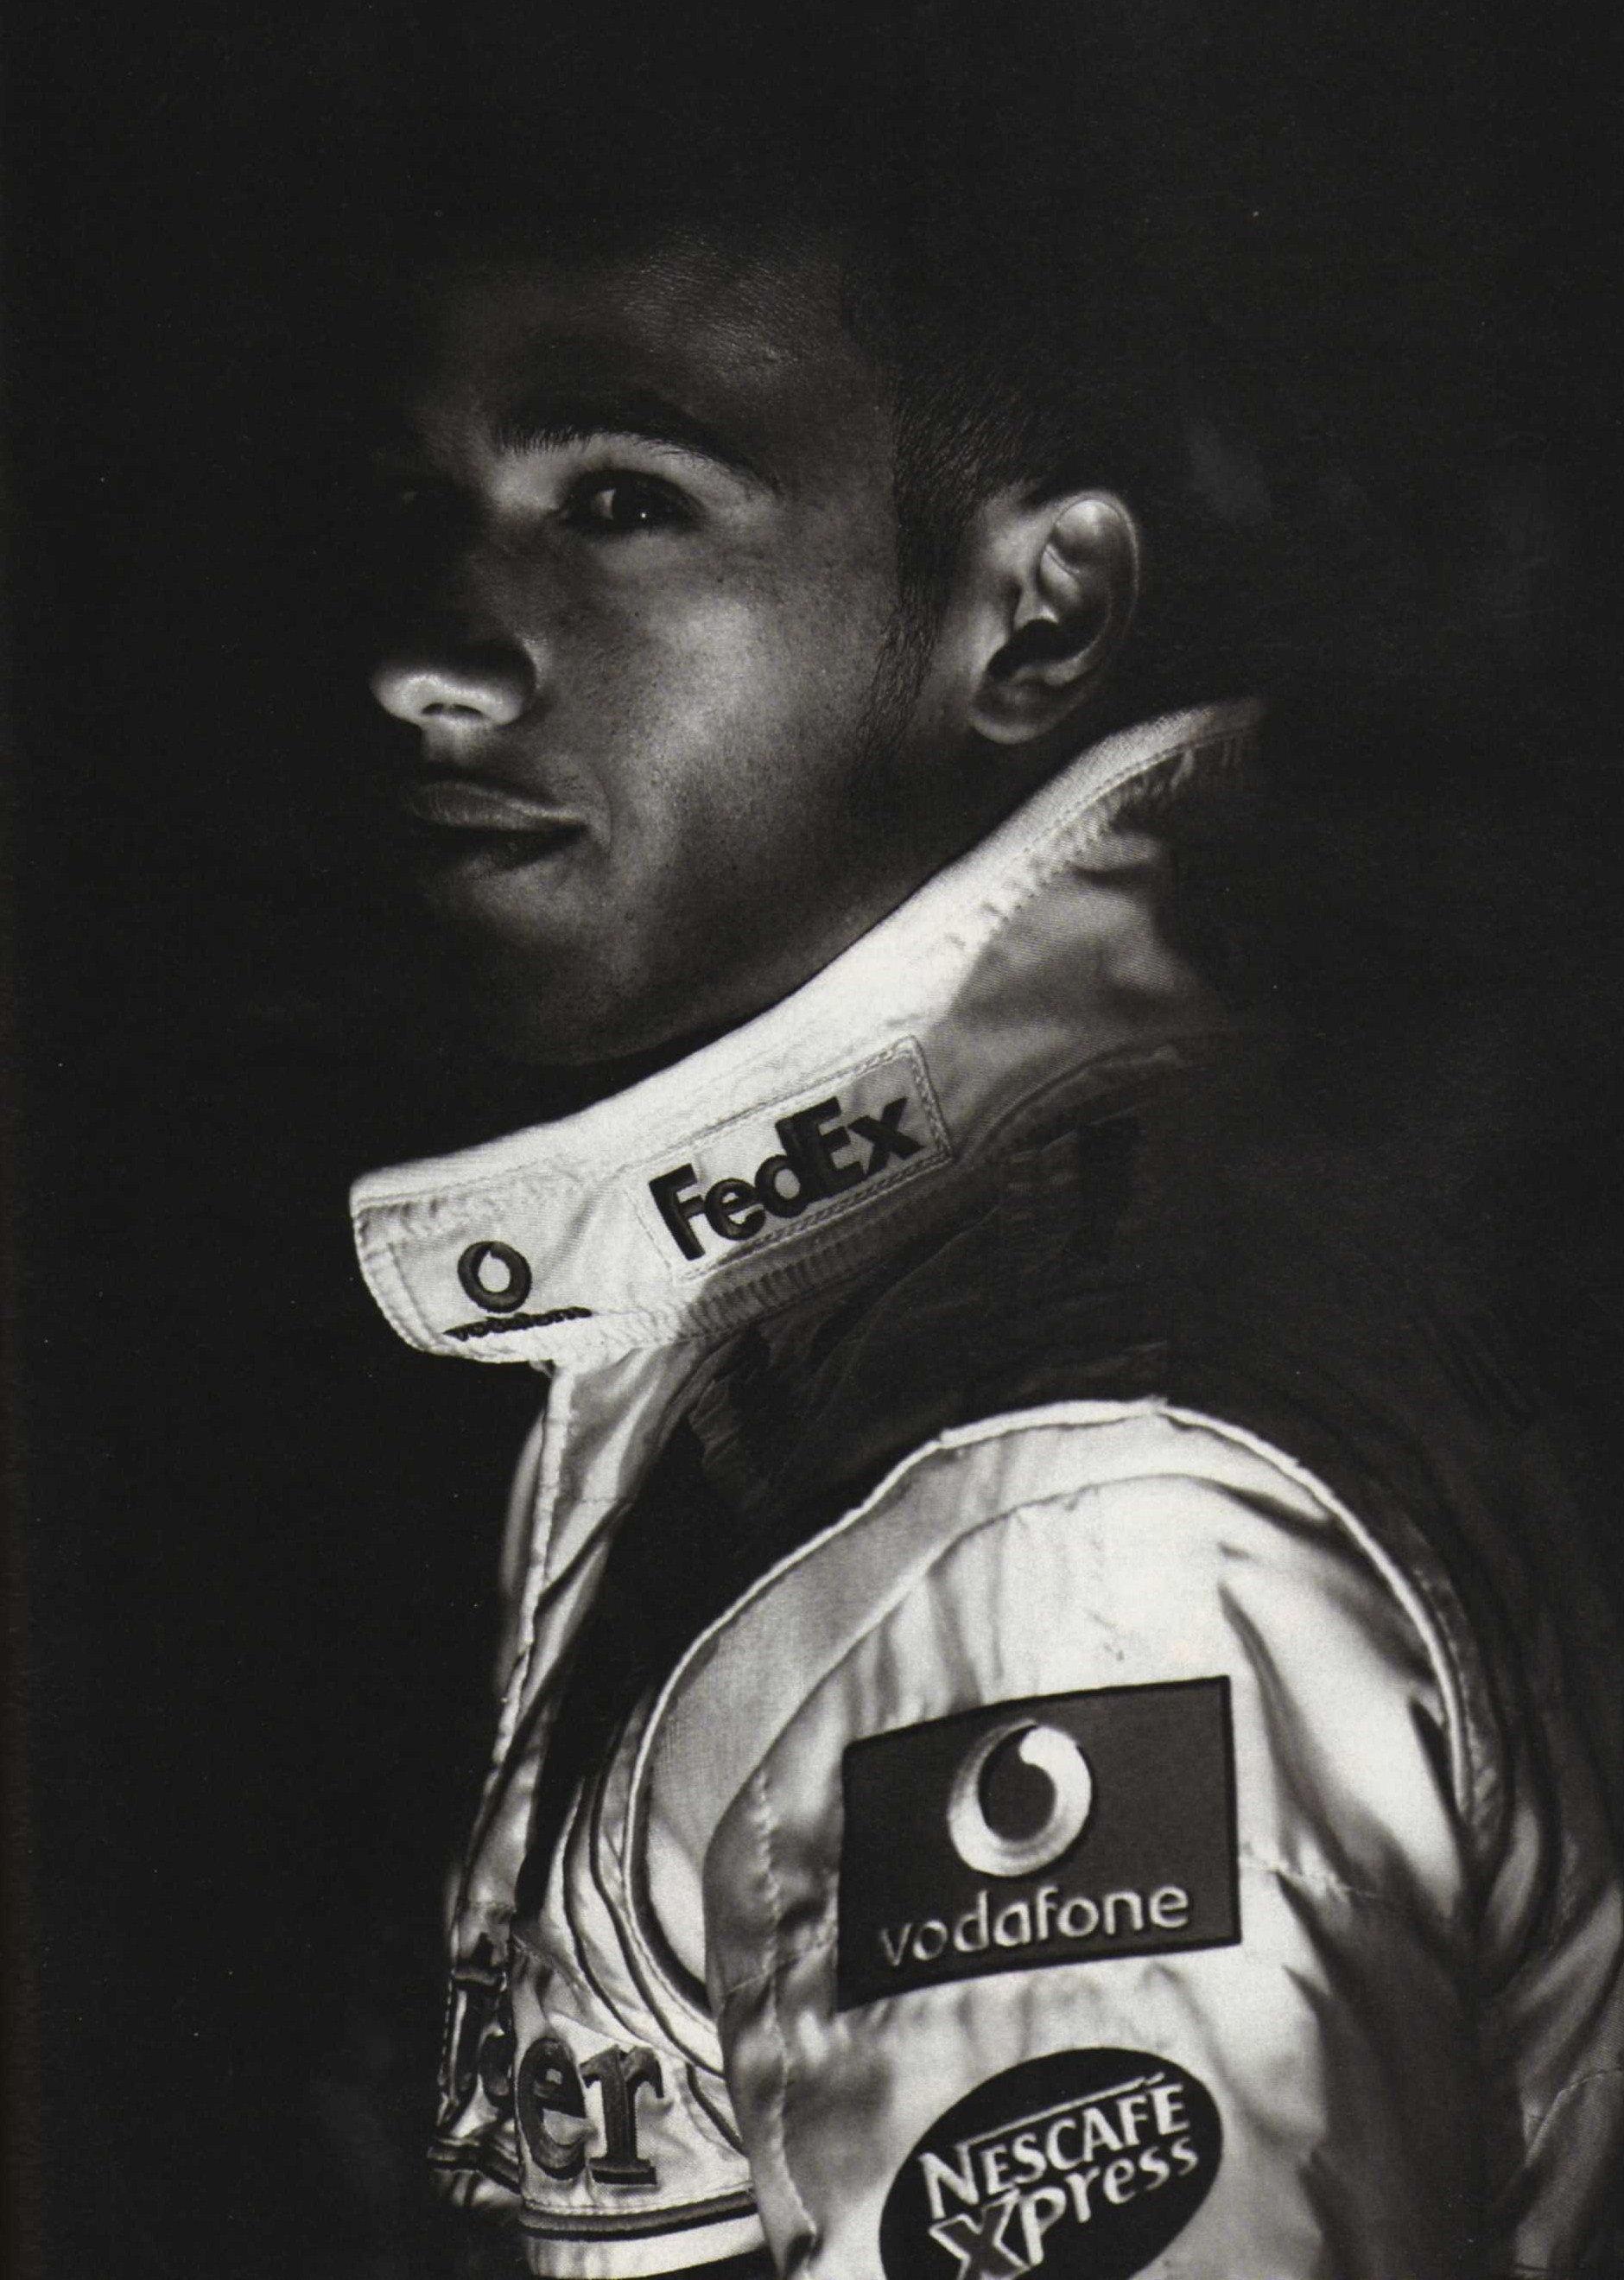 Lewis Hamilton photo 11 of 34 pics wallpaper photo